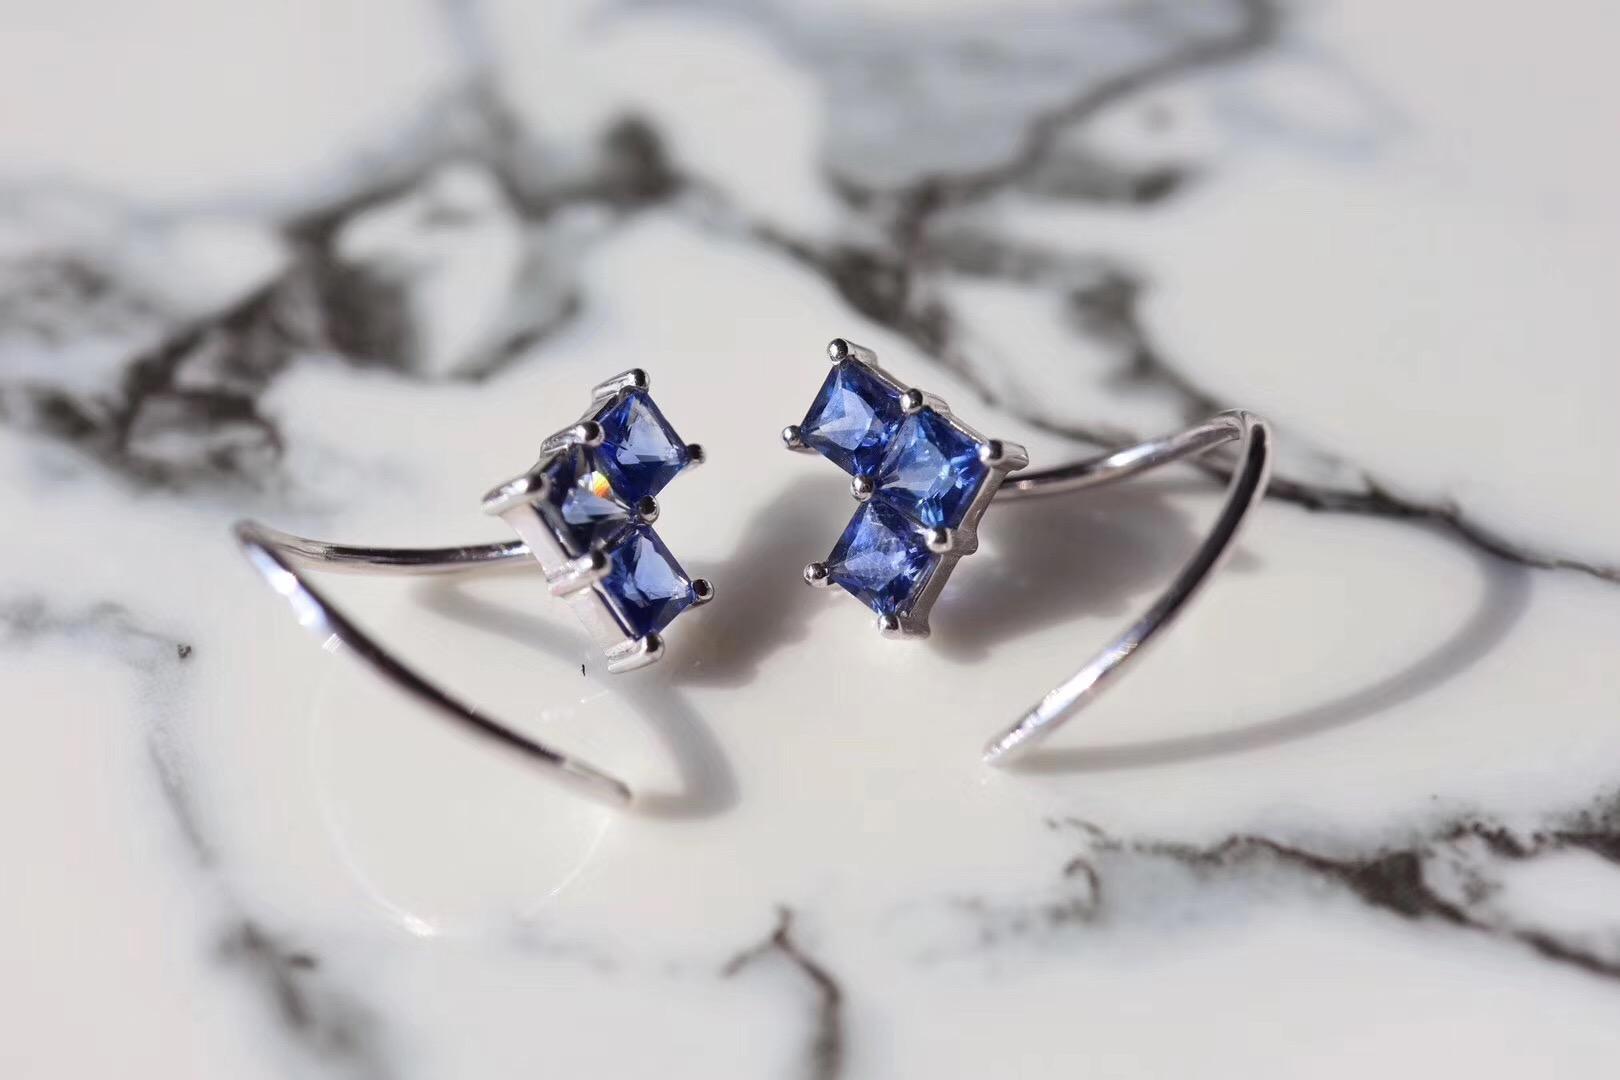 【蓝宝石耳环】快看快看,全世界都在偷偷爱你~-菩心晶舍